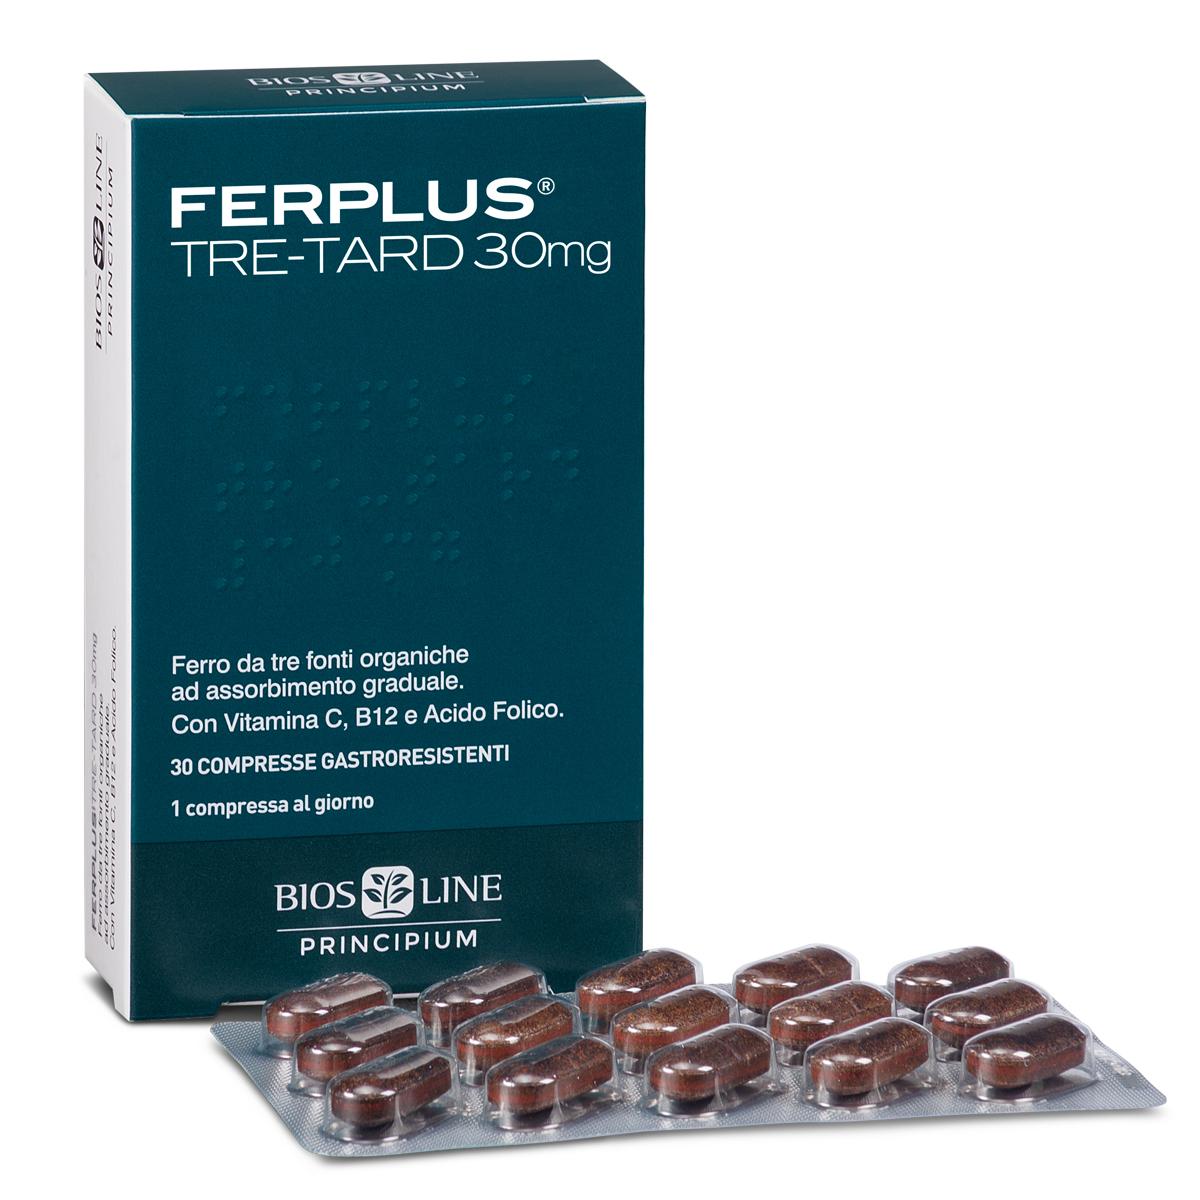 Ferplus Tre-Tard Principium Bios Line